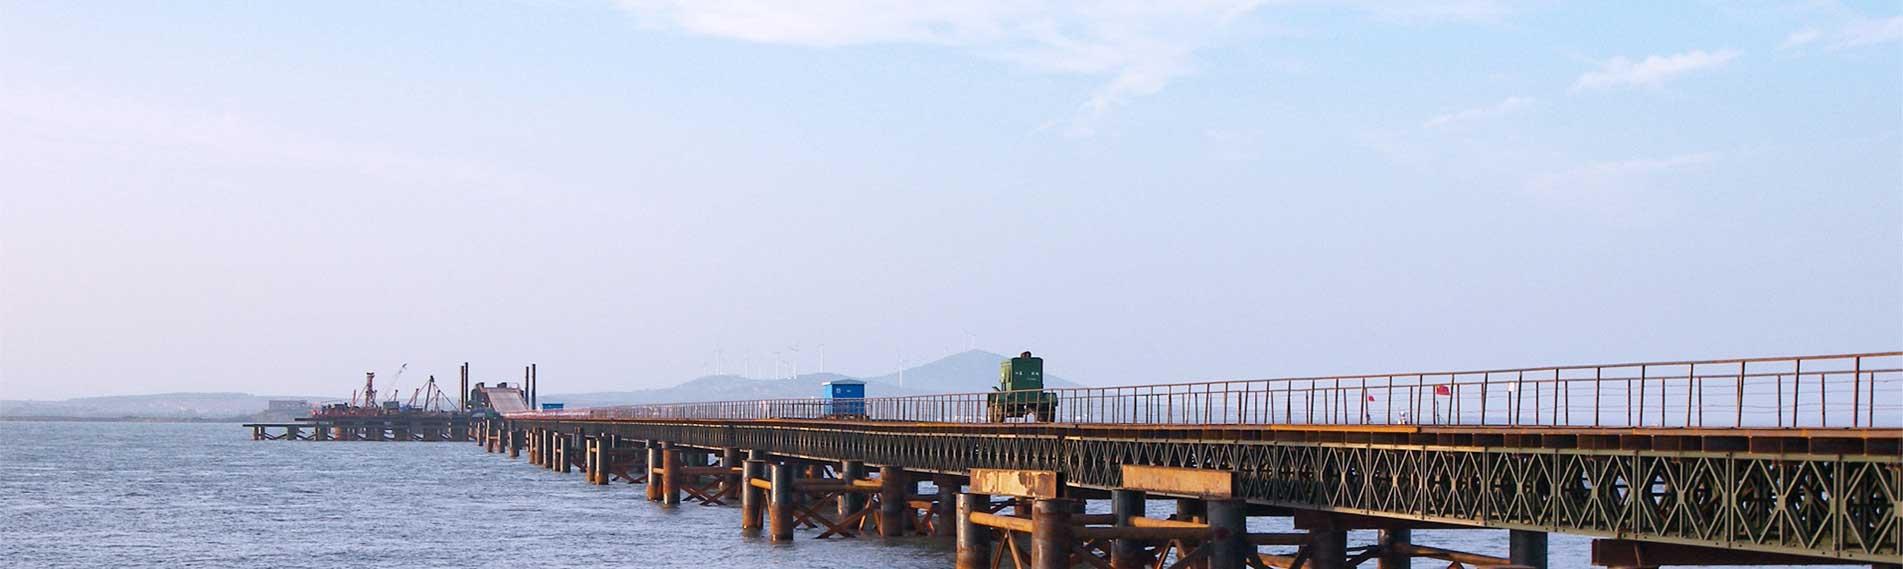 山東魯航實業有限公司路橋軌道交通設施建設專用裝備綜合性服務商